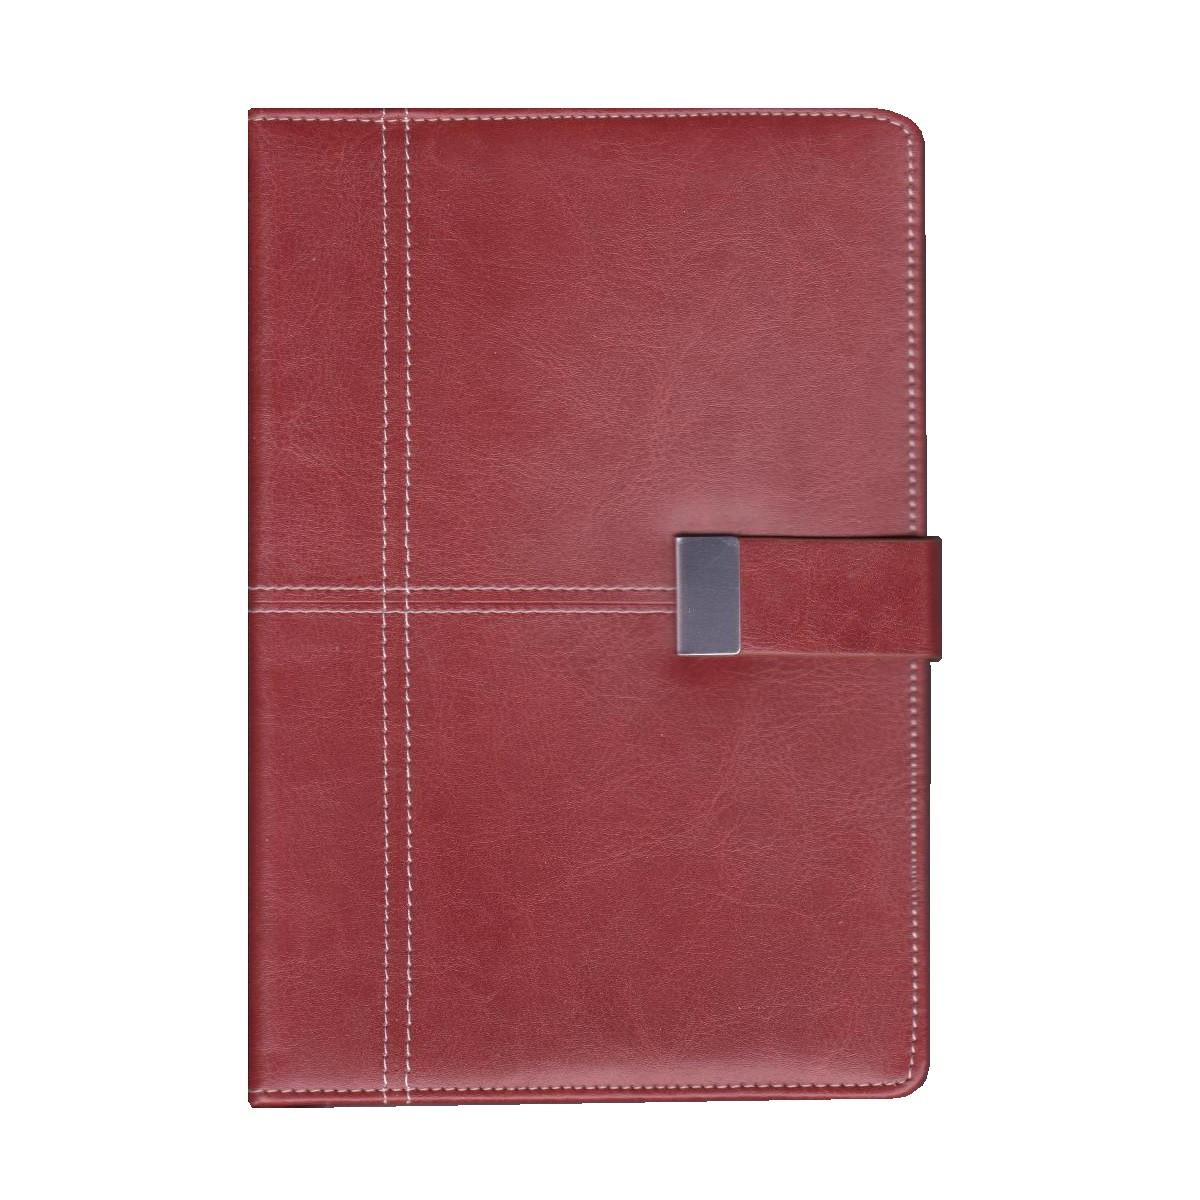 Ежедневник недатированный на клапане А5, 150л., клетка №2905, рыжий